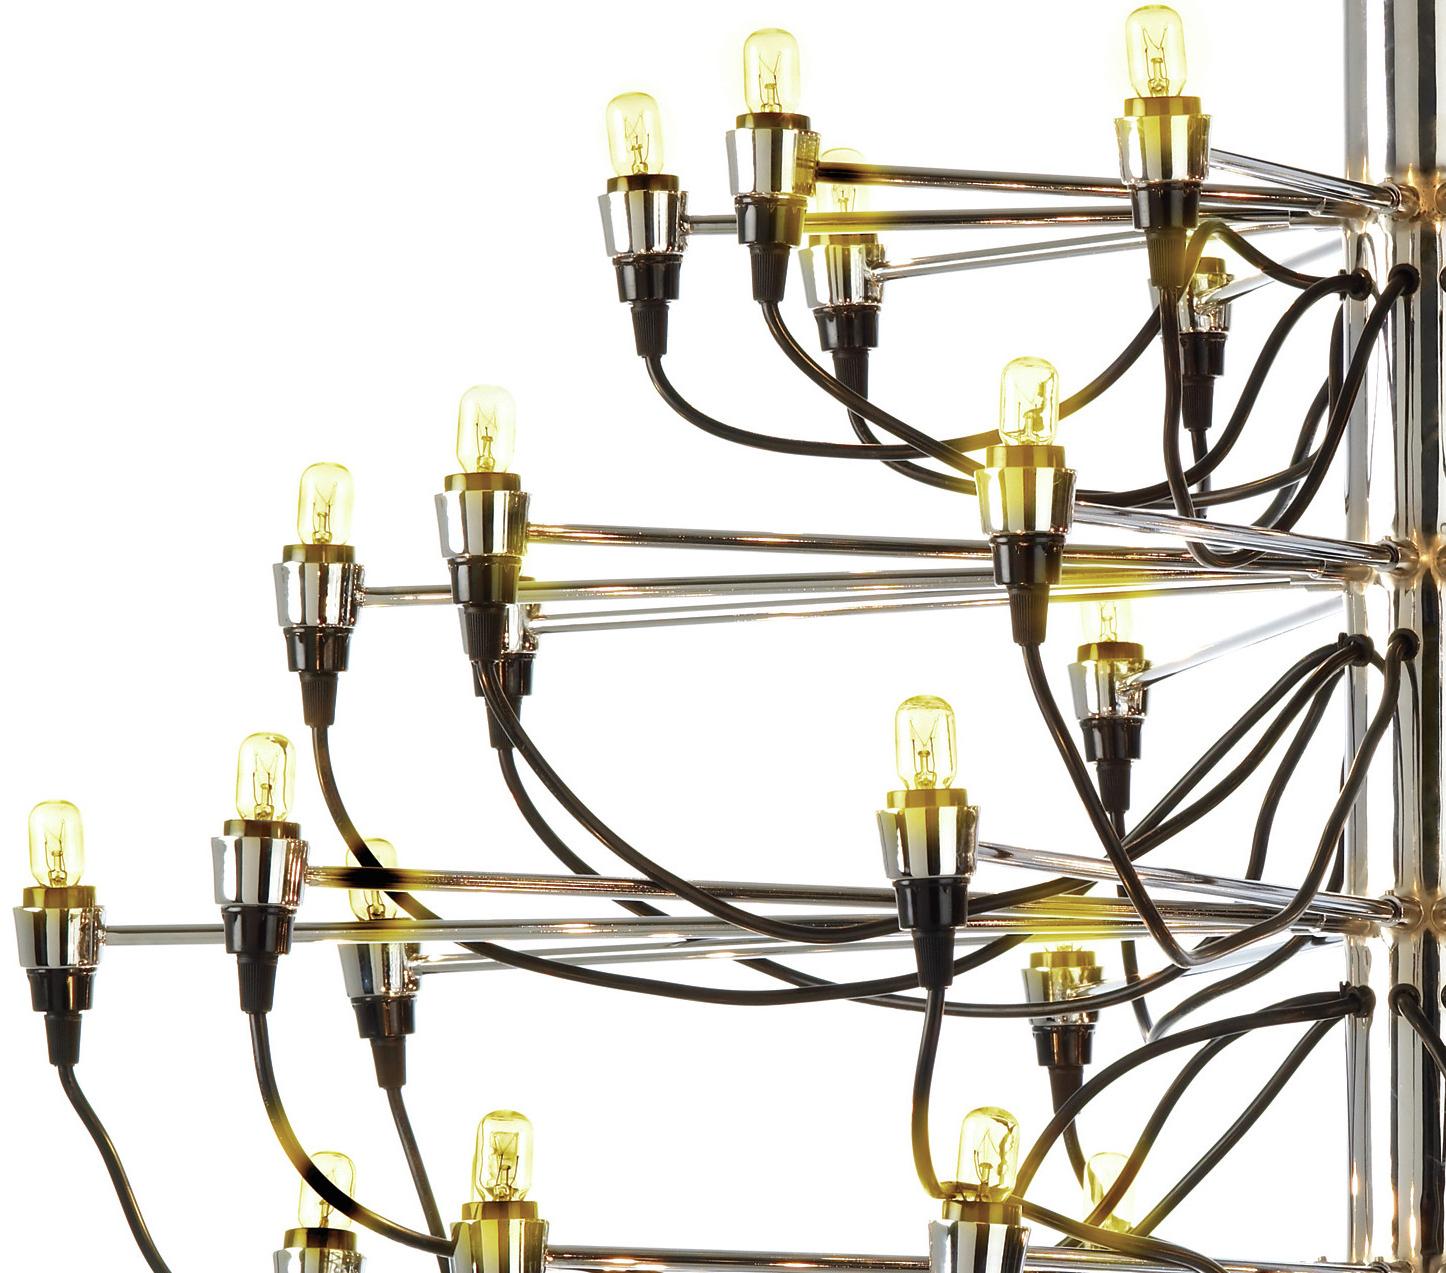 Medusa pendant lamp chrome steel modern pendant lamp for Medusa light fixture